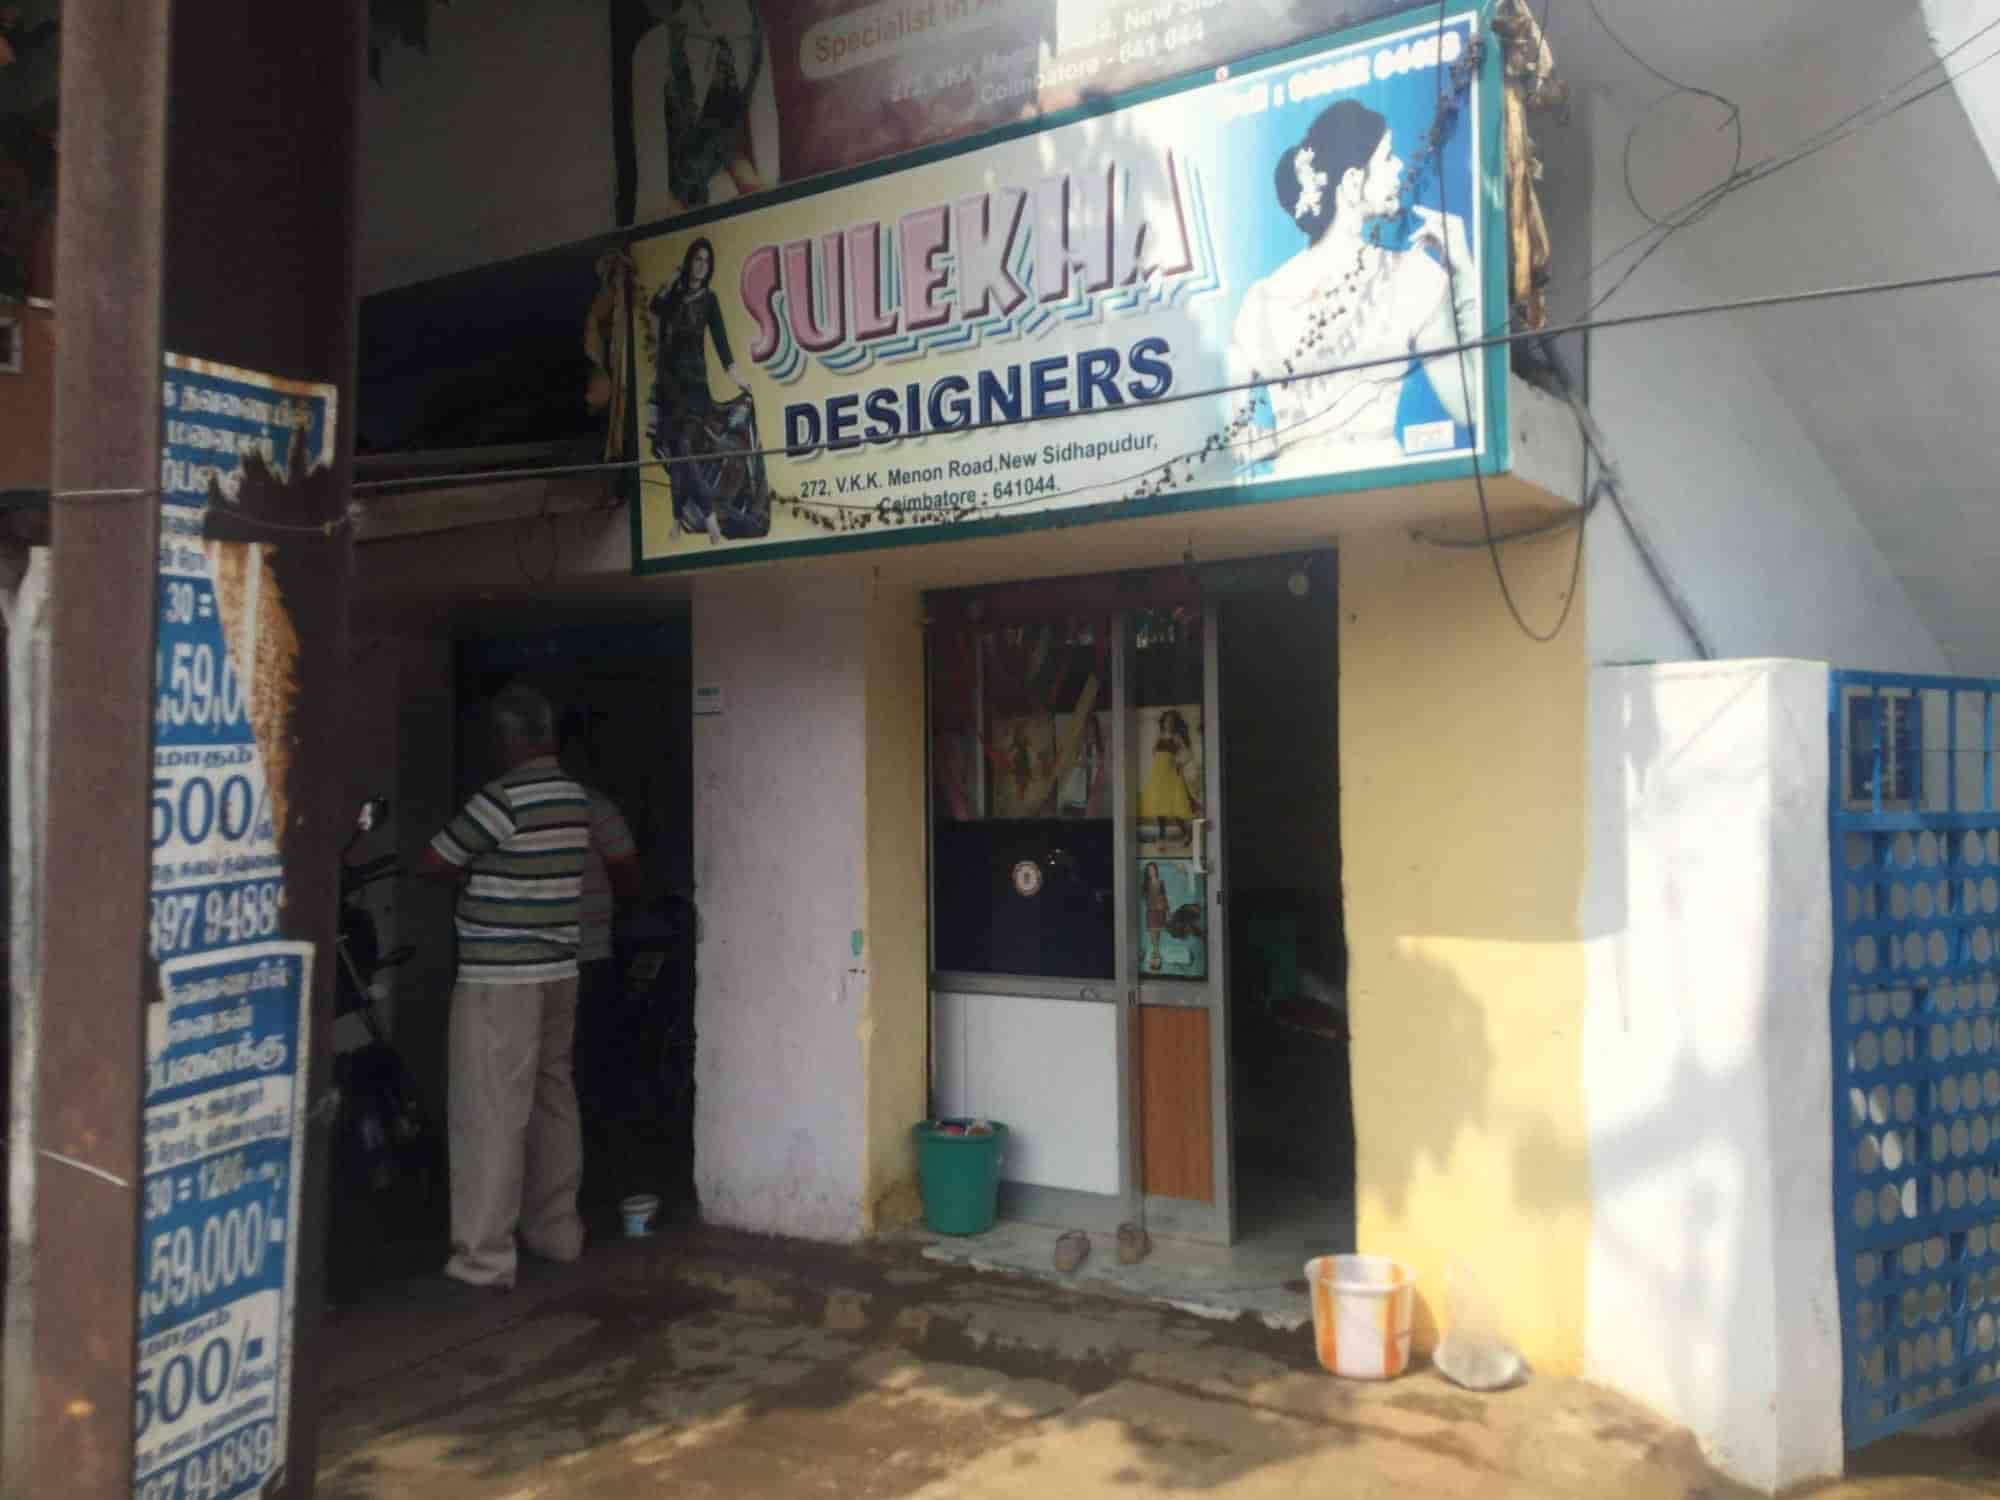 Sulekha Designers Photos, Sidhapudur, Coimbatore- Pictures